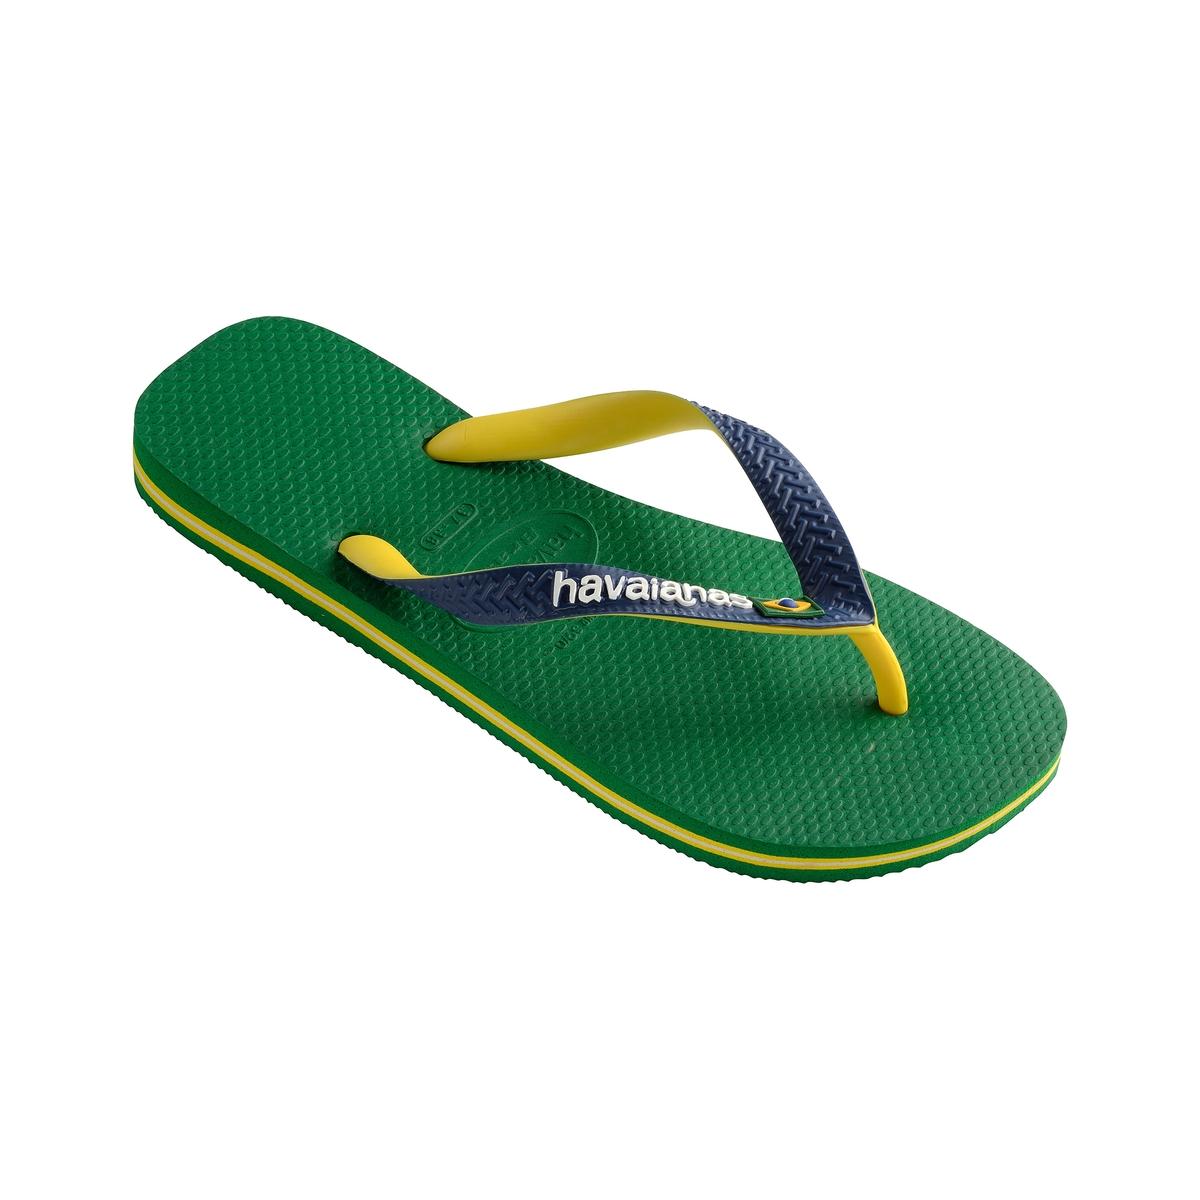 Вьетнамки Brasil MixВерх/Голенище : каучук   Стелька : каучук   Подошва : каучук   Форма каблука : плоский каблук   Мысок : открытый мысок   Застежка : без застежки<br><br>Цвет: зеленый<br>Размер: 39/40.45/46